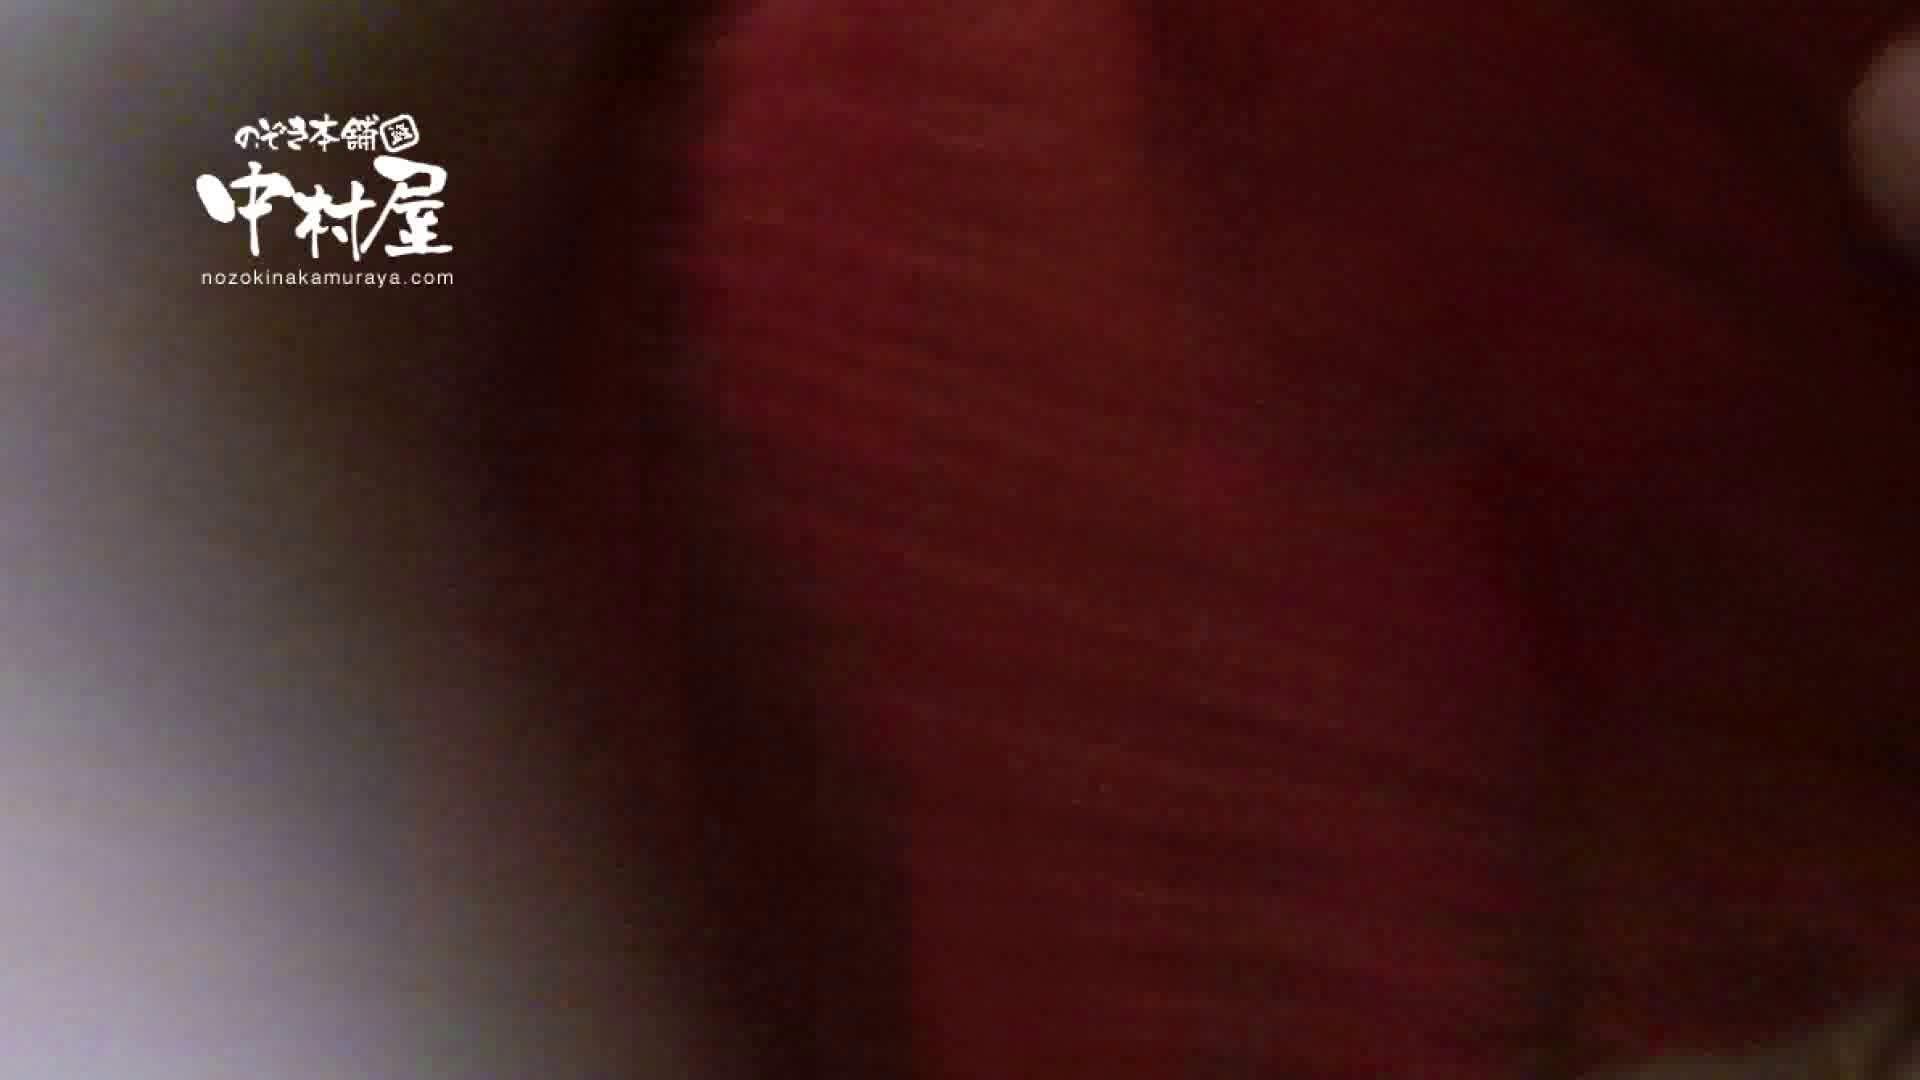 鬼畜 vol.13 もうなすがママ→結果クリームパイ 前編 OLヌード天国 | 鬼畜  98PIX 15